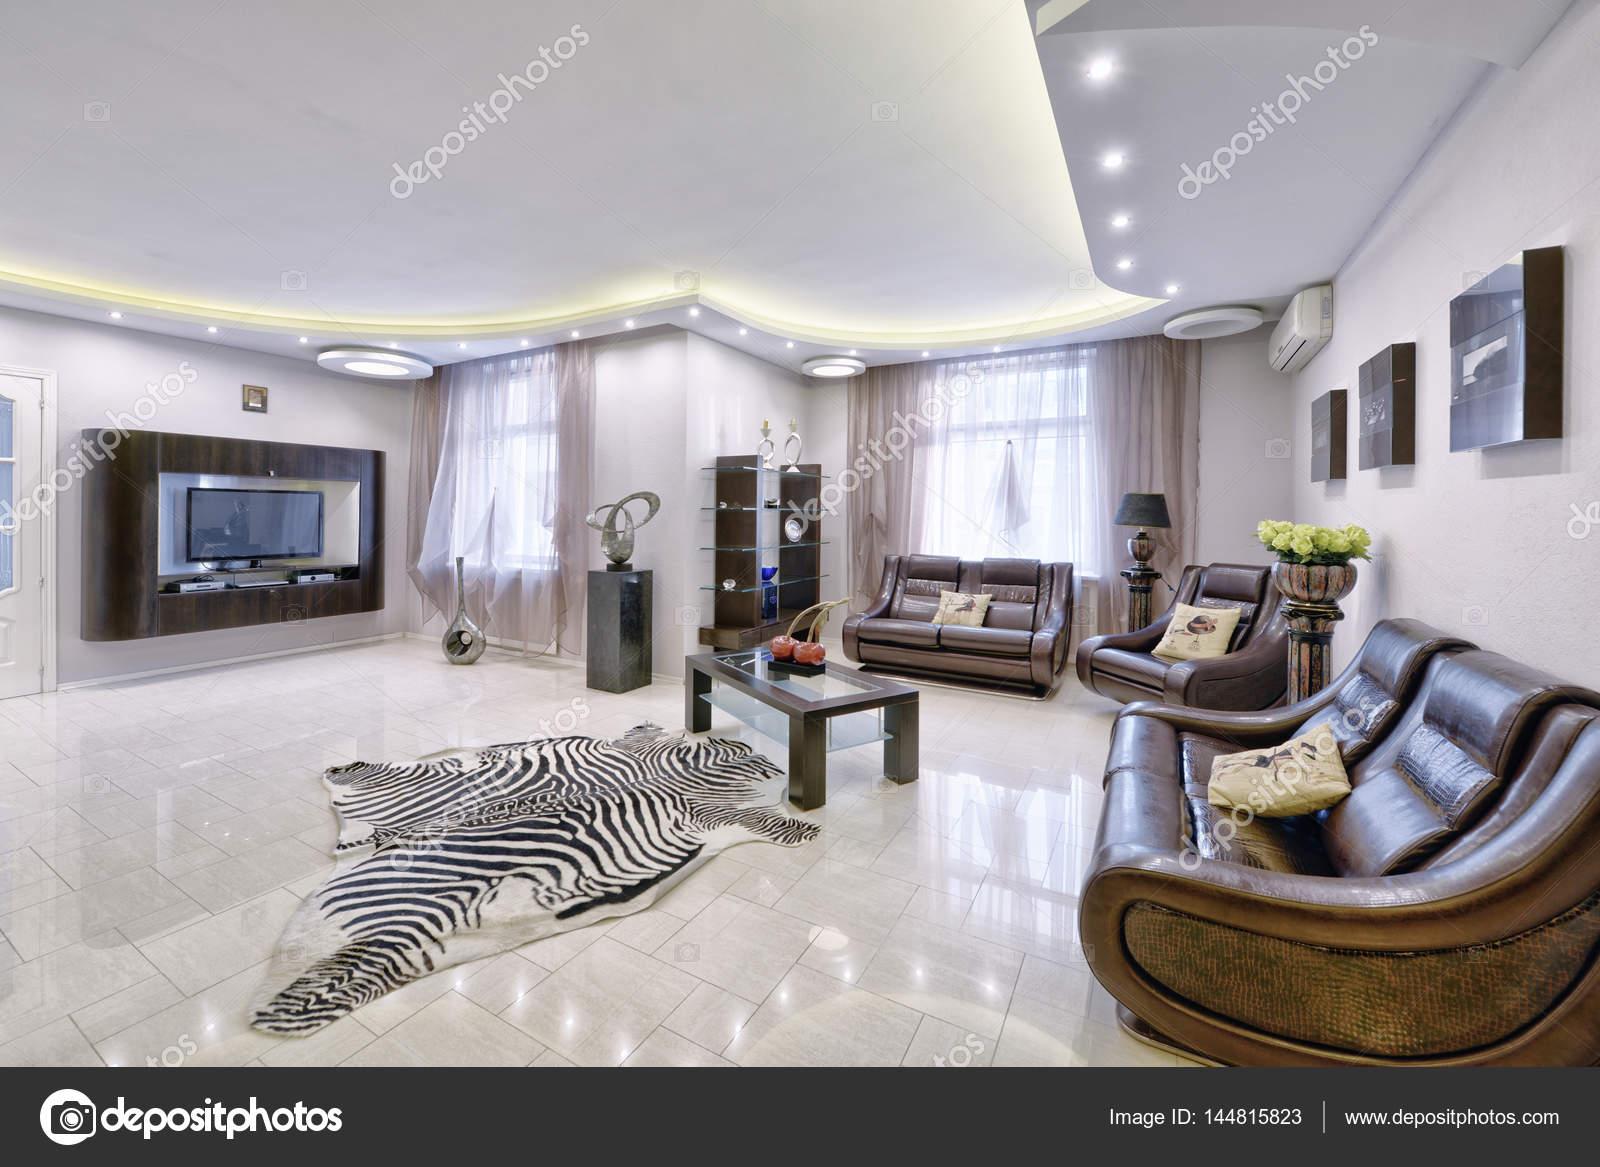 Hervorragend Moderne Innenarchitektur Wohnzimmer, Städtische Immobilien U2014 Stockfoto